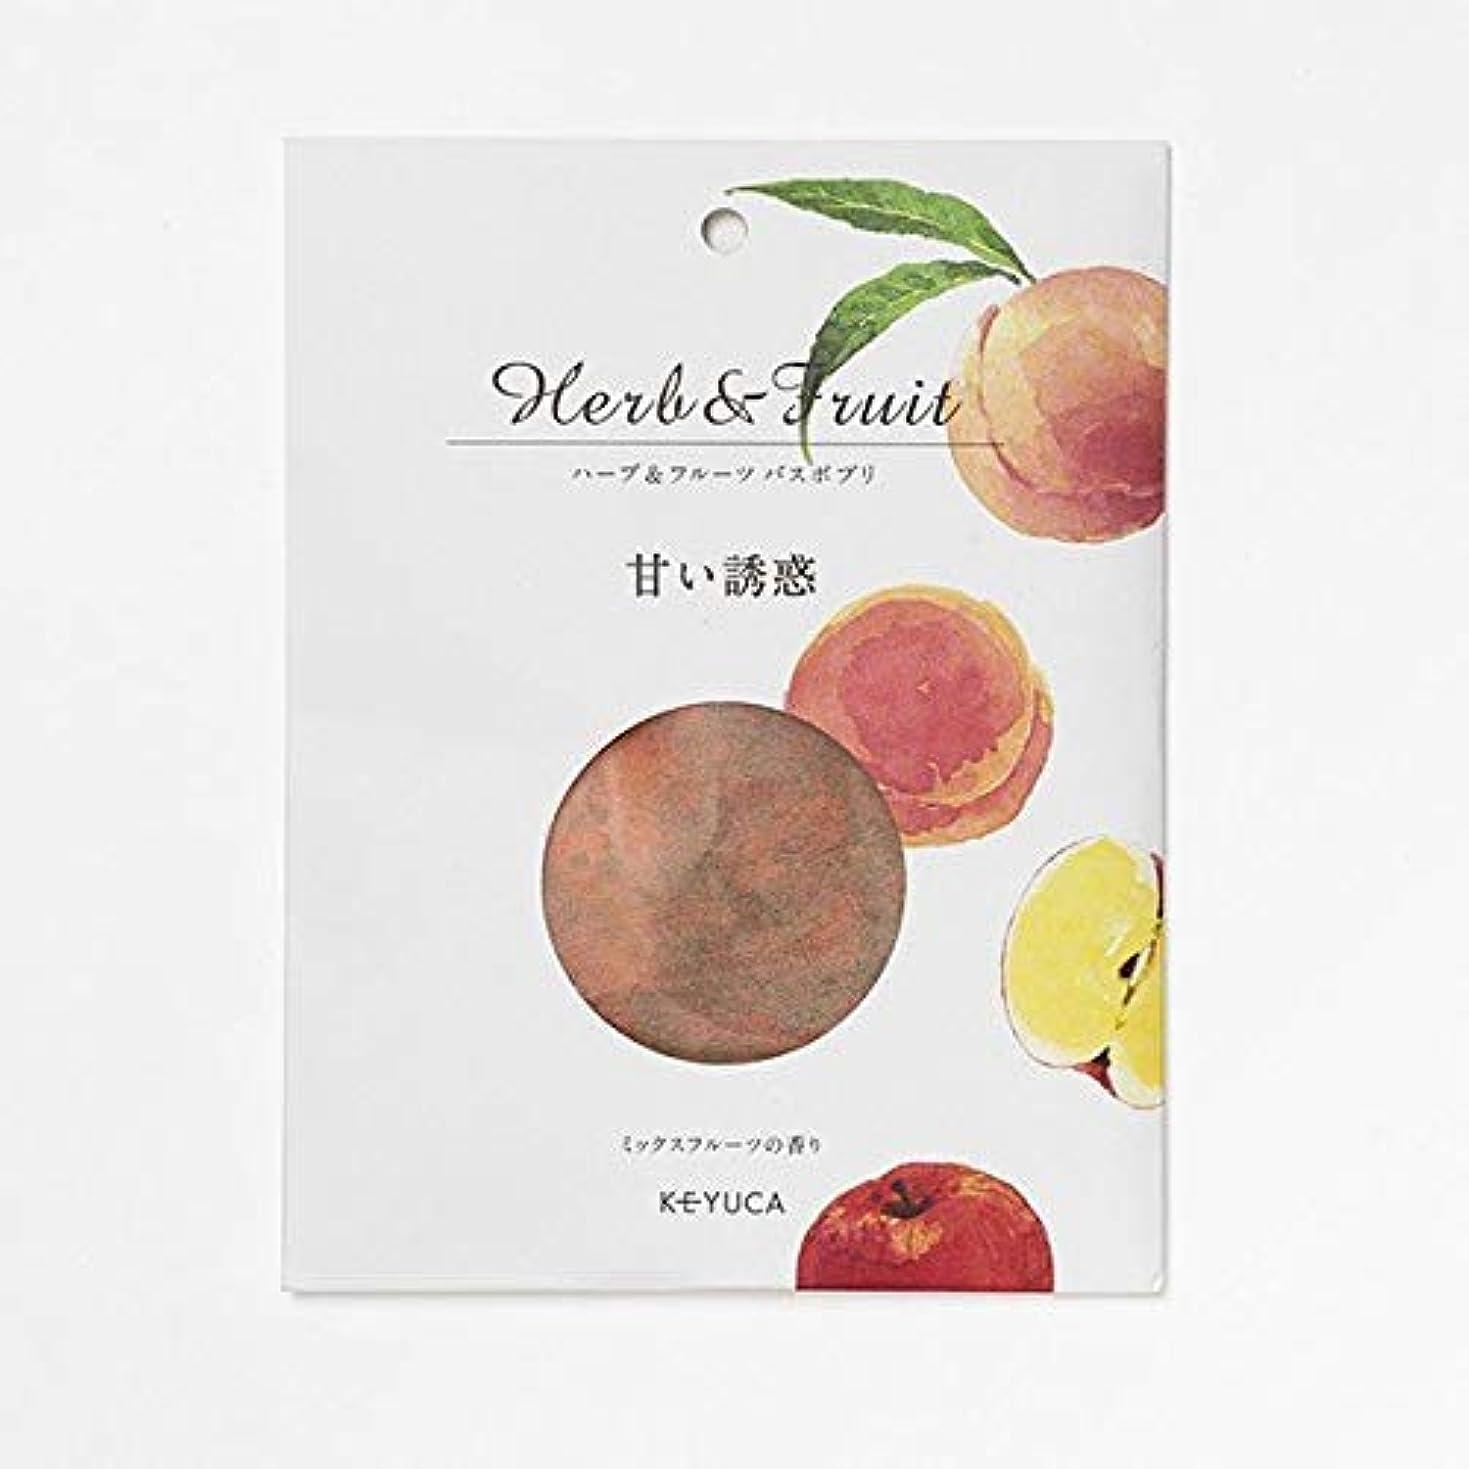 ゲーム逸話瞑想的KEYUCA(ケユカ) ハーブバスポプリ 甘い誘惑